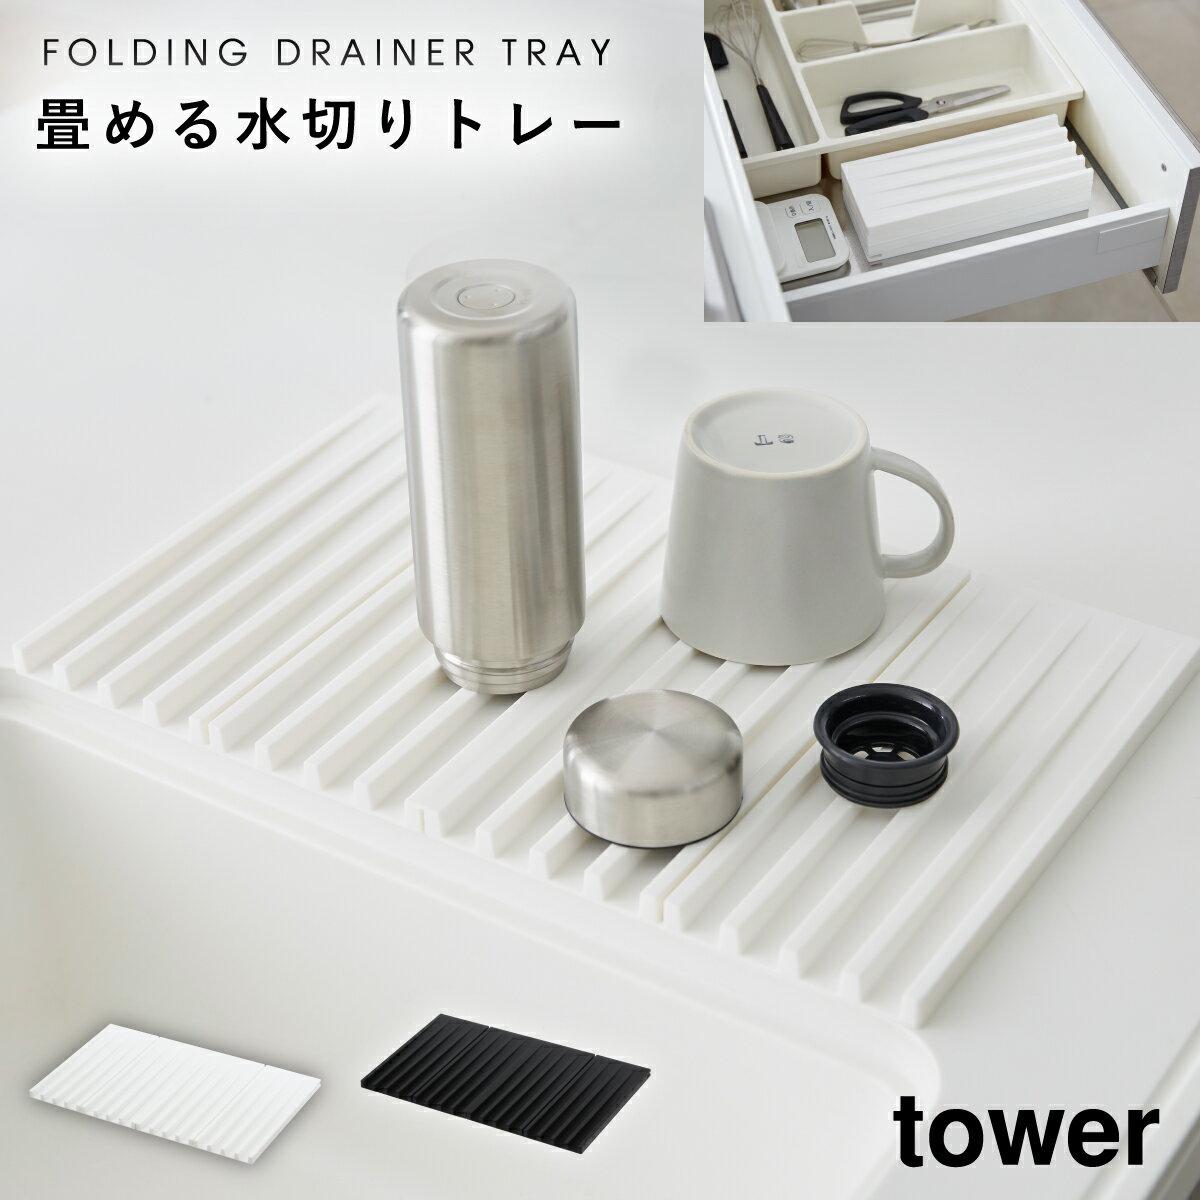 ★今だけ!P10倍★ 水切りマット 水きりラック シリコン 折り畳み水切りトレー TOWER タワー